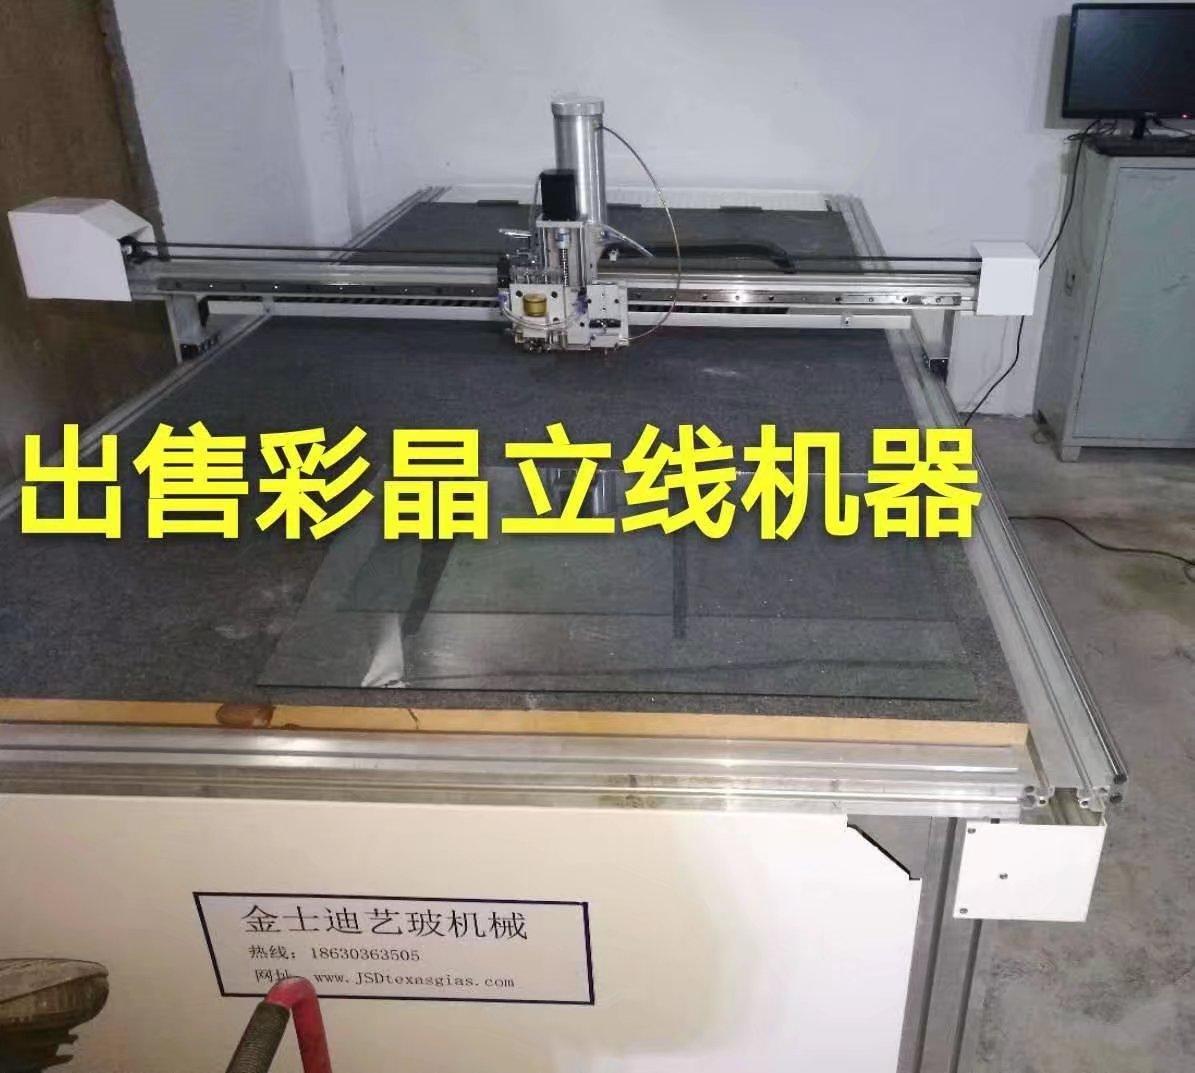 秦皇岛金士迪艺术镶嵌玻璃企业形象图片